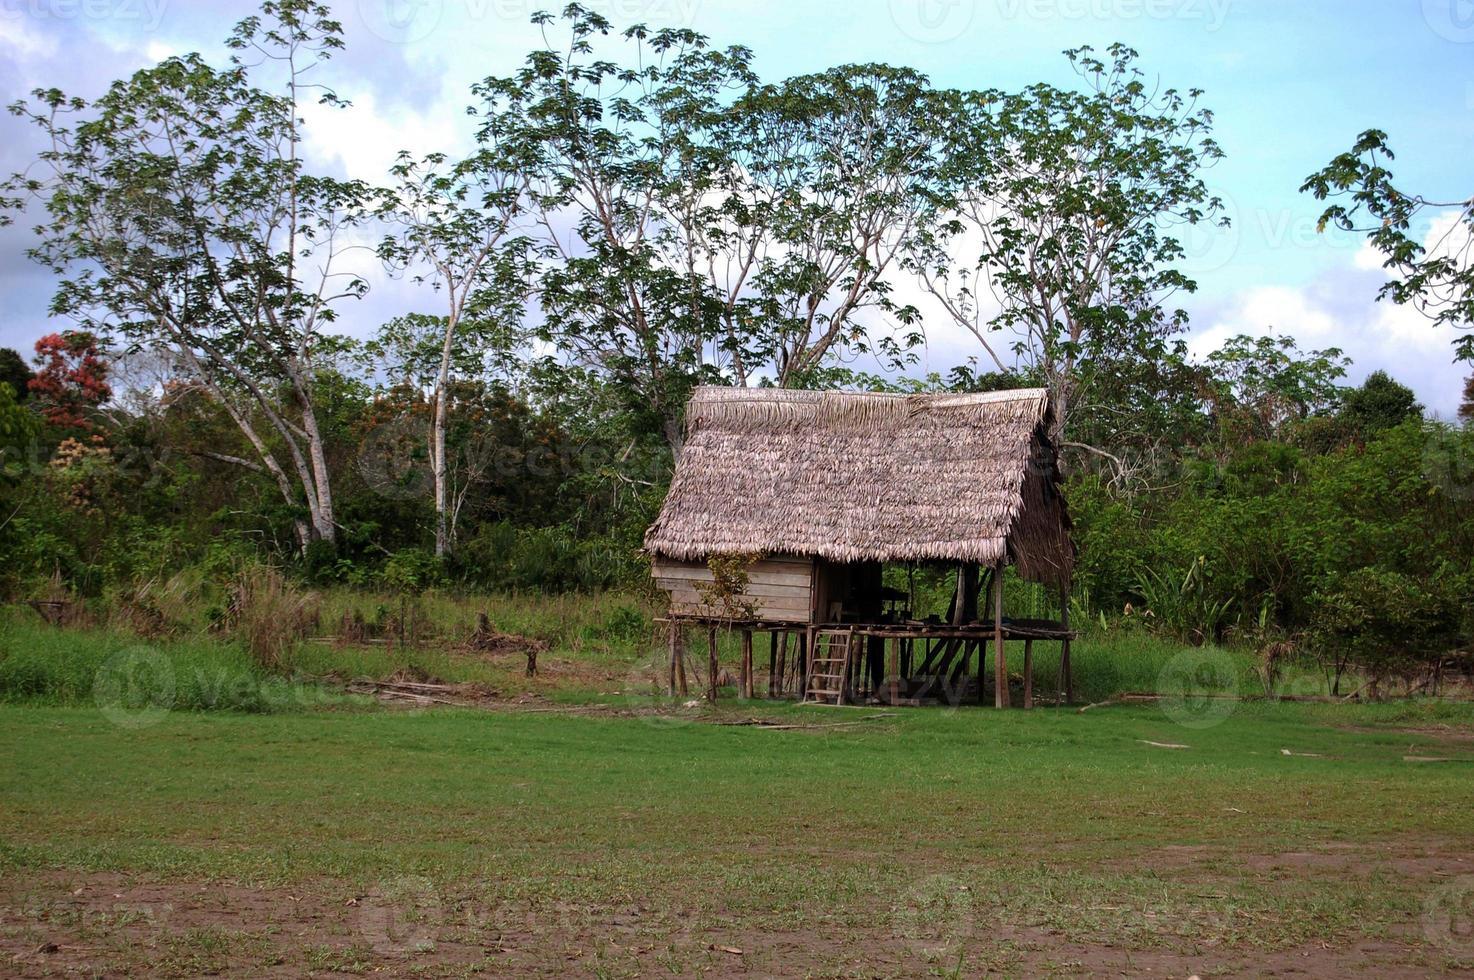 capanna singola della giungla amazzonica foto